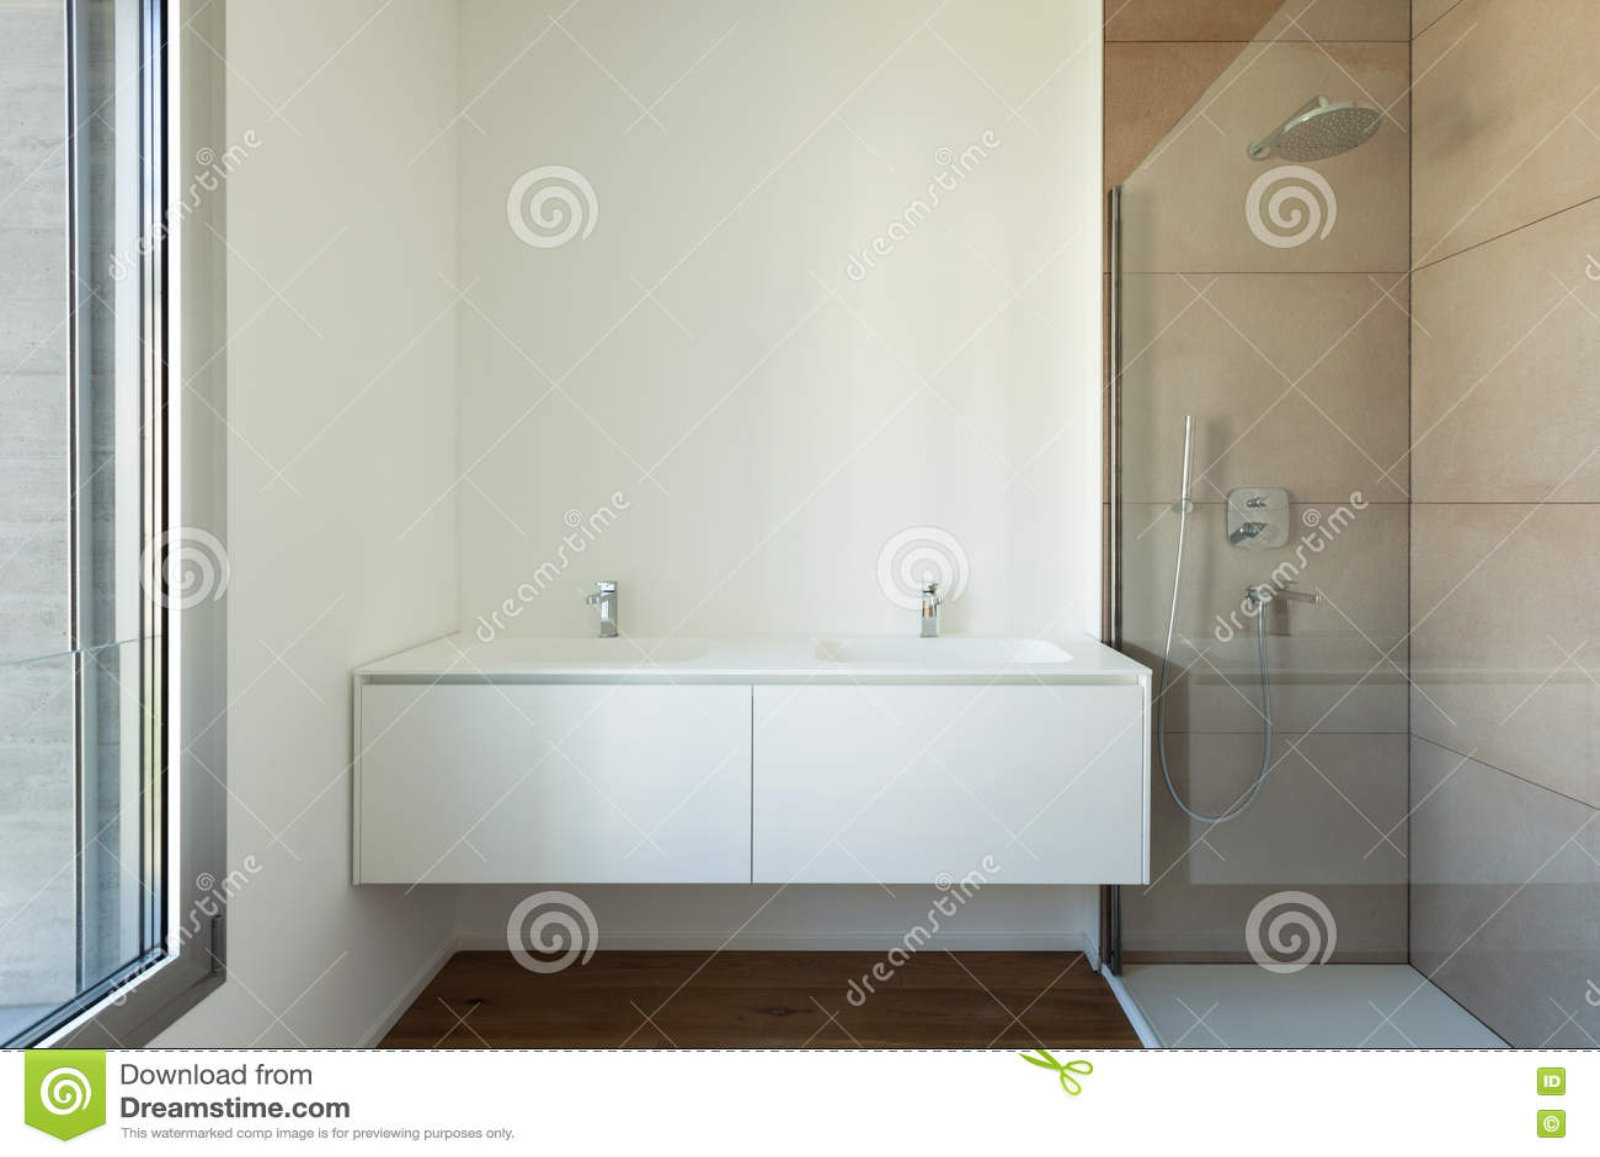 Bagno stretto e lungo con finestra in fondo neutral piastrelle